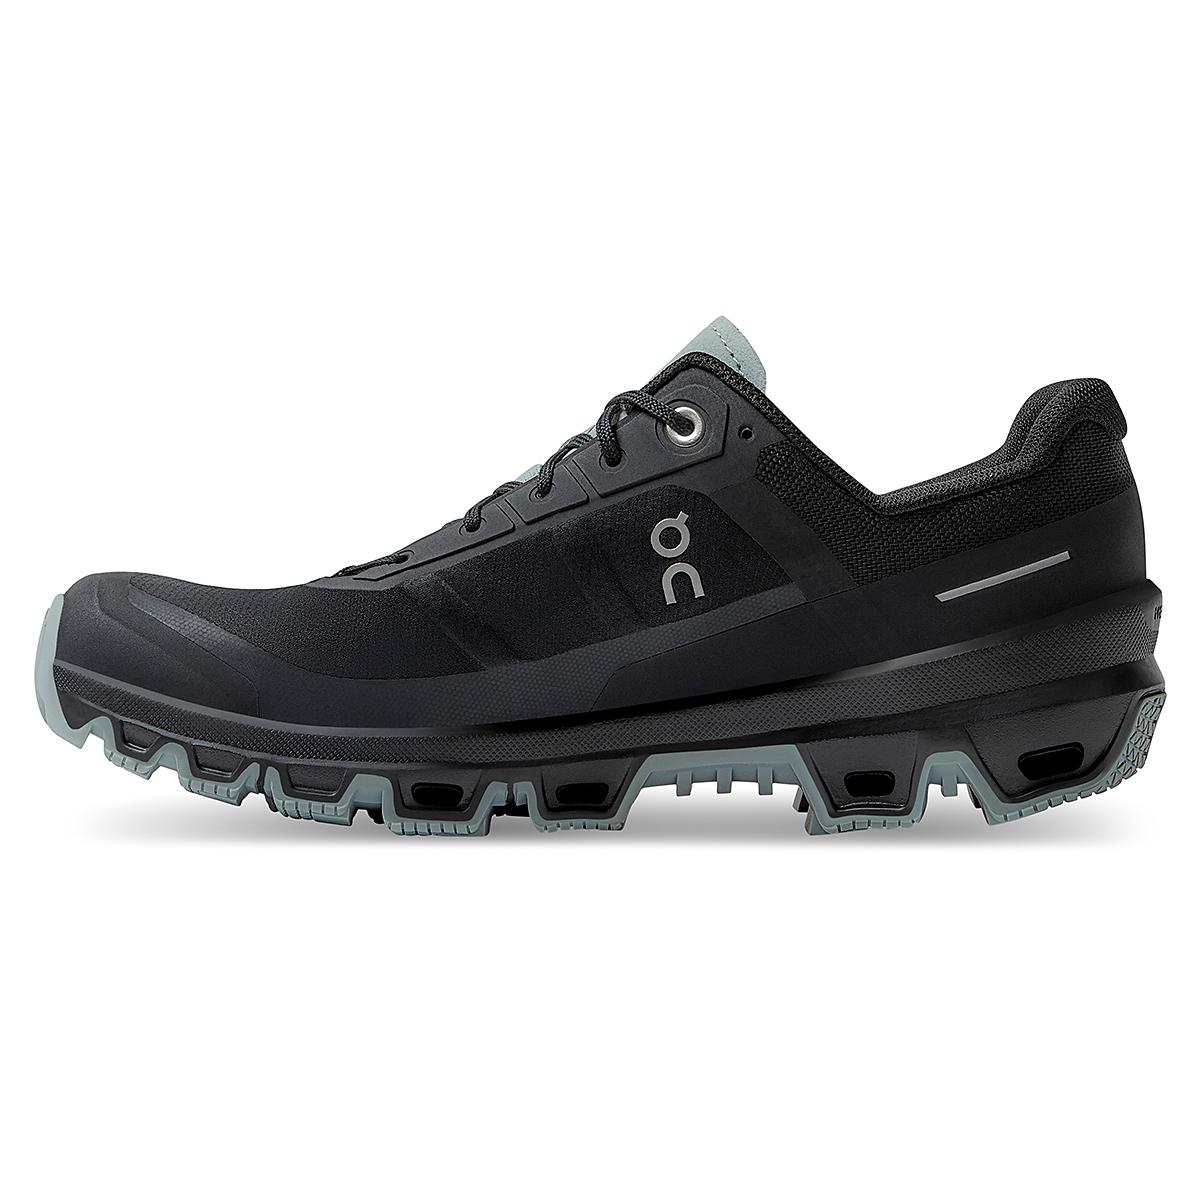 Women's On Cloudventure Running Shoe - Color: Black/Cobble - Size: 5 - Width: Regular, Black/Cobble, large, image 3